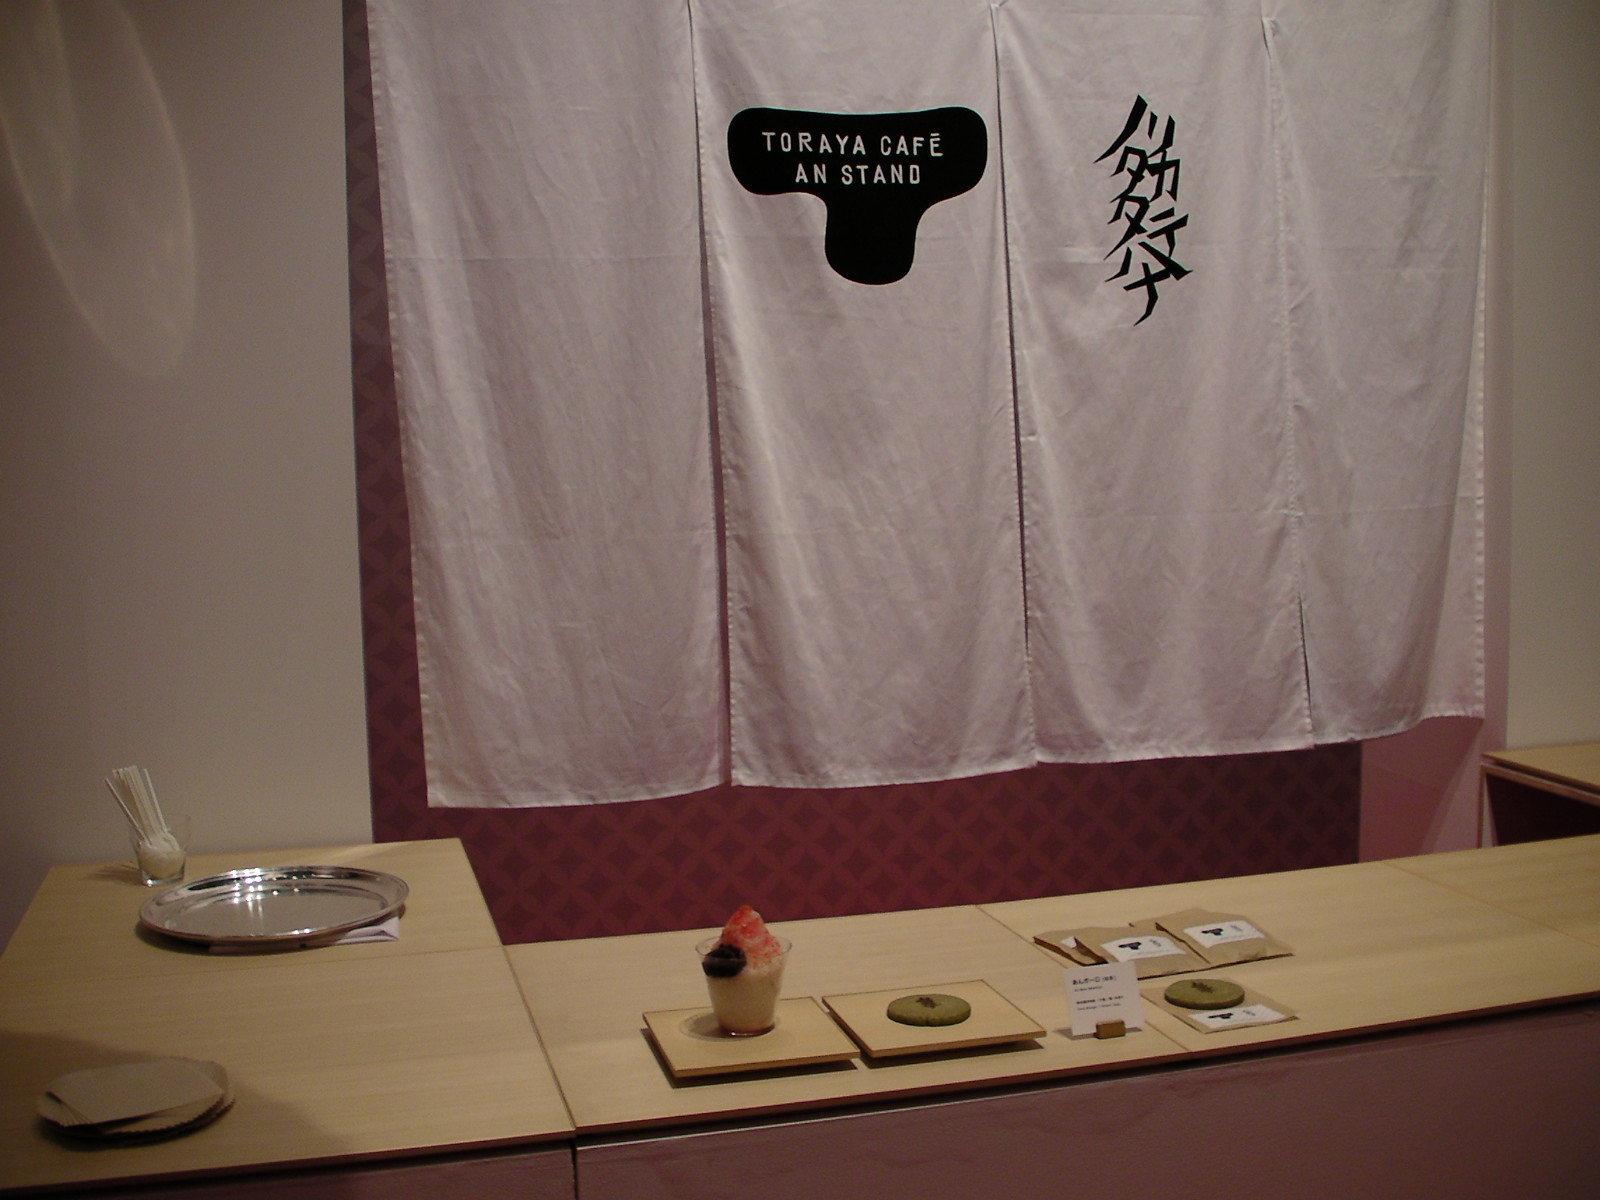 トラヤカフェとコラボした特設茶屋。